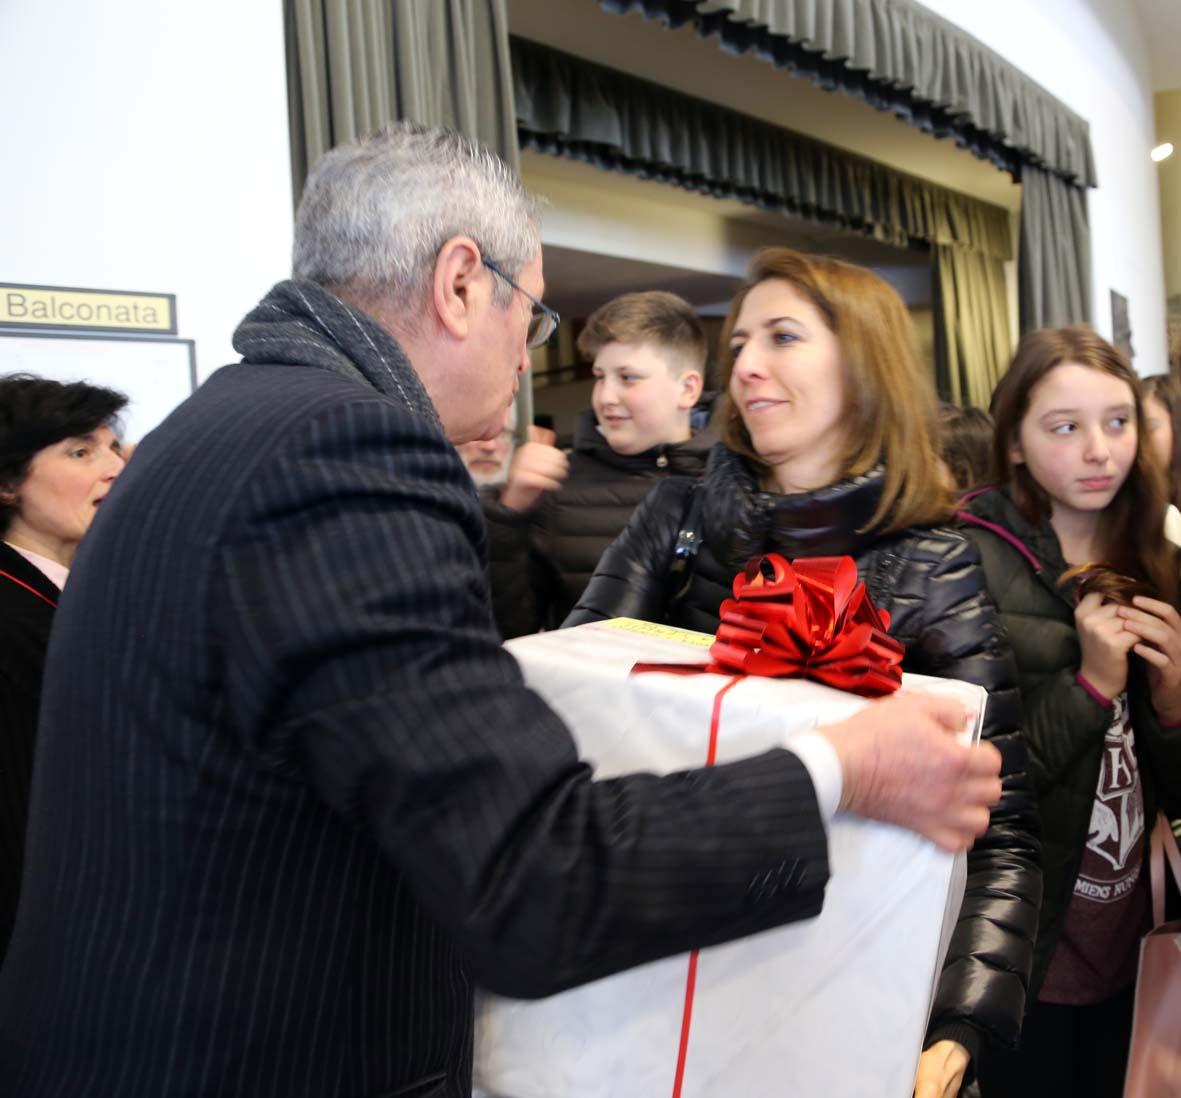 Consegna dei doni alle scuole